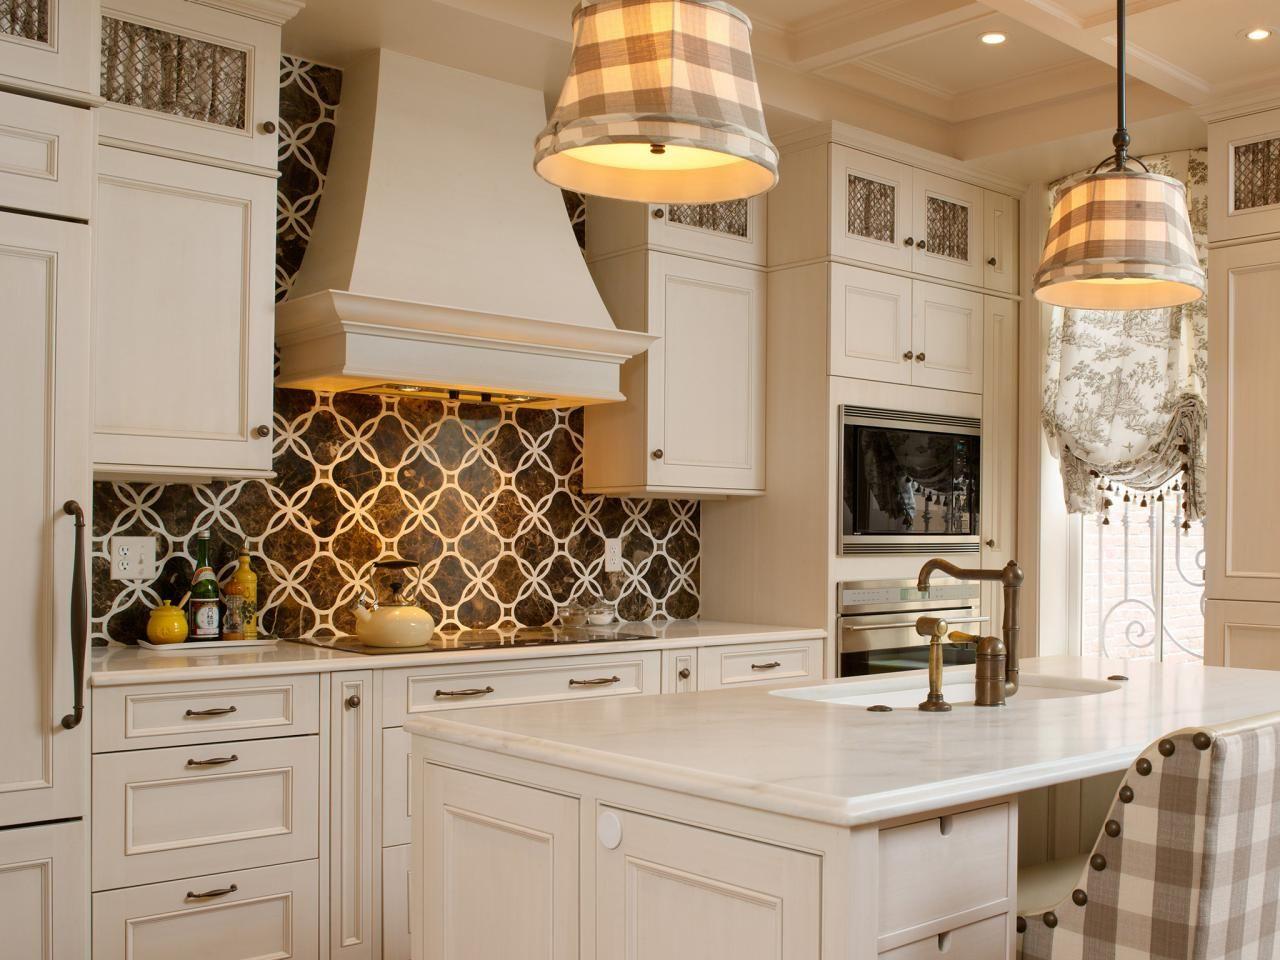 Kitchen ideas modern kitchen offered attractive ceramics tile